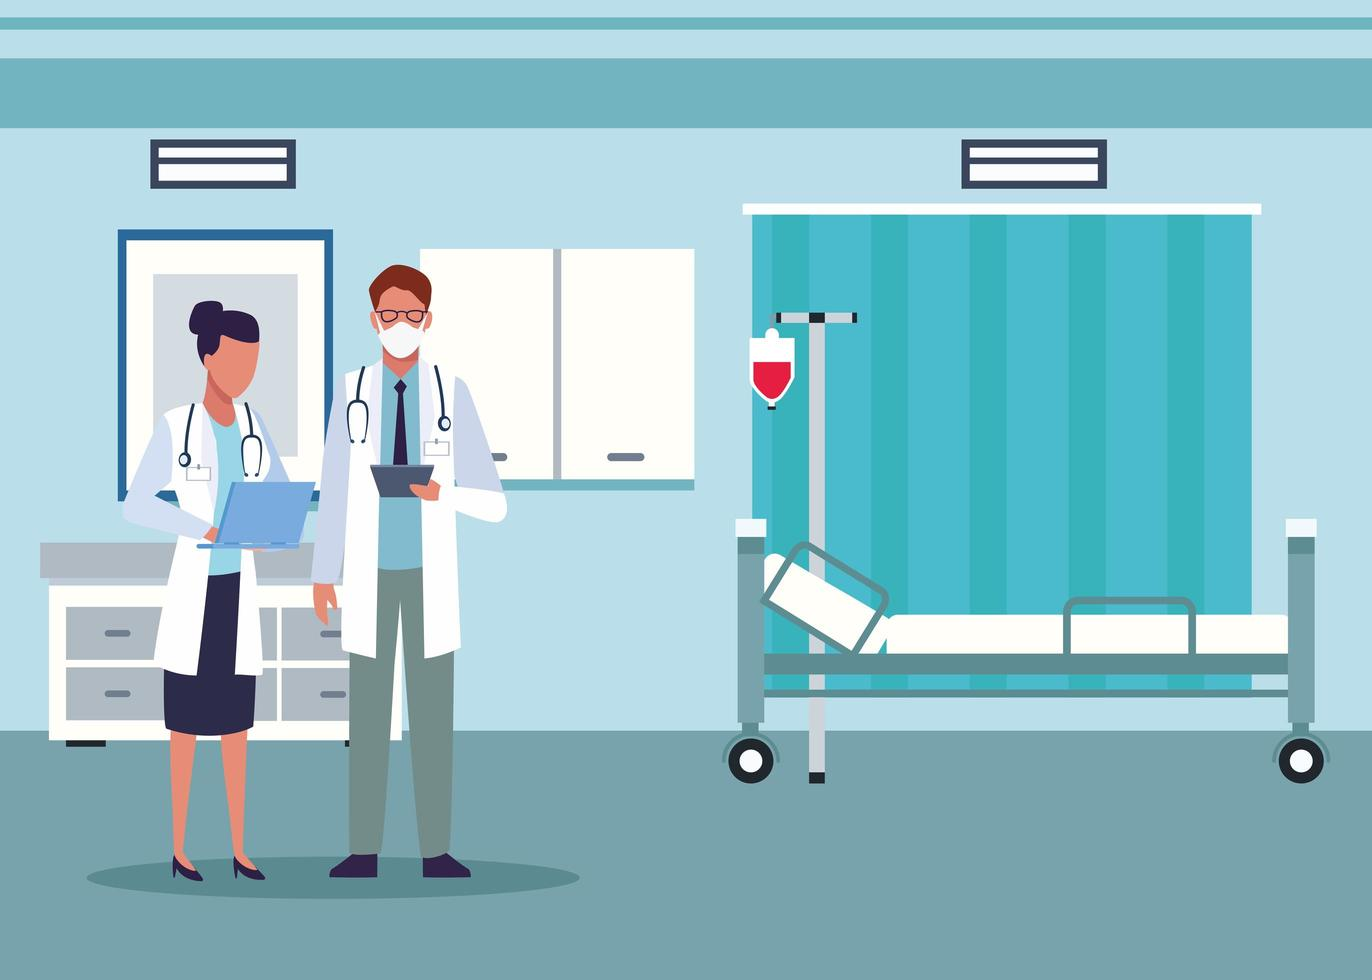 männlicher und weiblicher Arzt im Krankenzimmer vektor